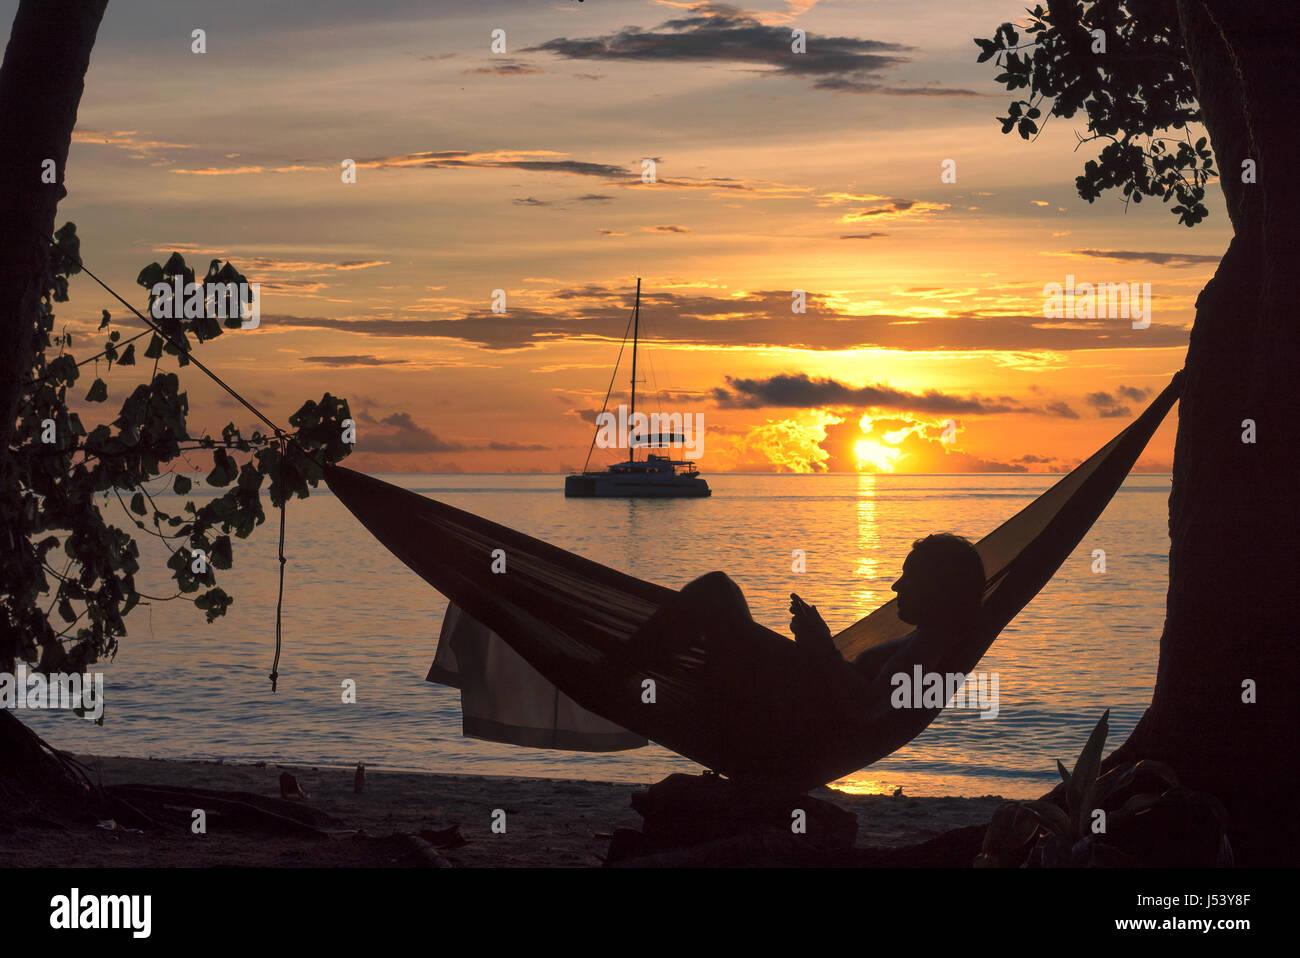 Vacaciones en la playa, la silueta de una mujer leyendo en la hamaca al atardecer en una isla tropical. Imagen De Stock